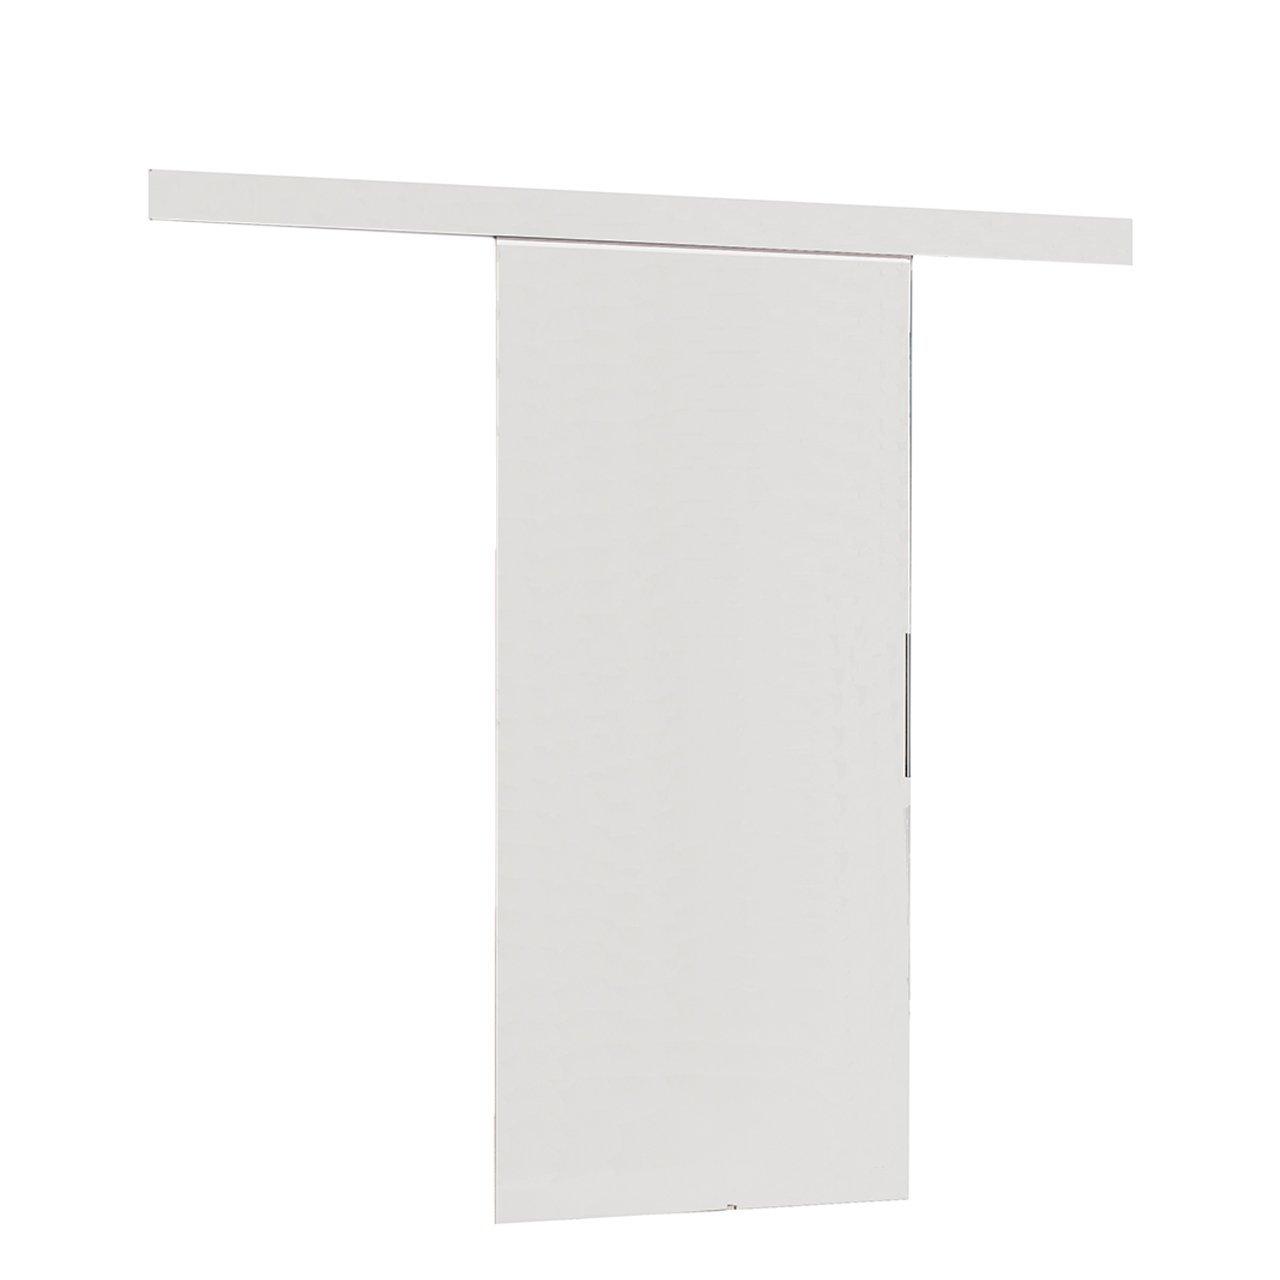 Mirjan24  Schiebetürsystem Multi Komplett-Set für Schiebetüren mit Bodenführung Abstandsführung Trennwände Innentüren (Dunkel Esche, Modell 80, mit Selbstschließer)